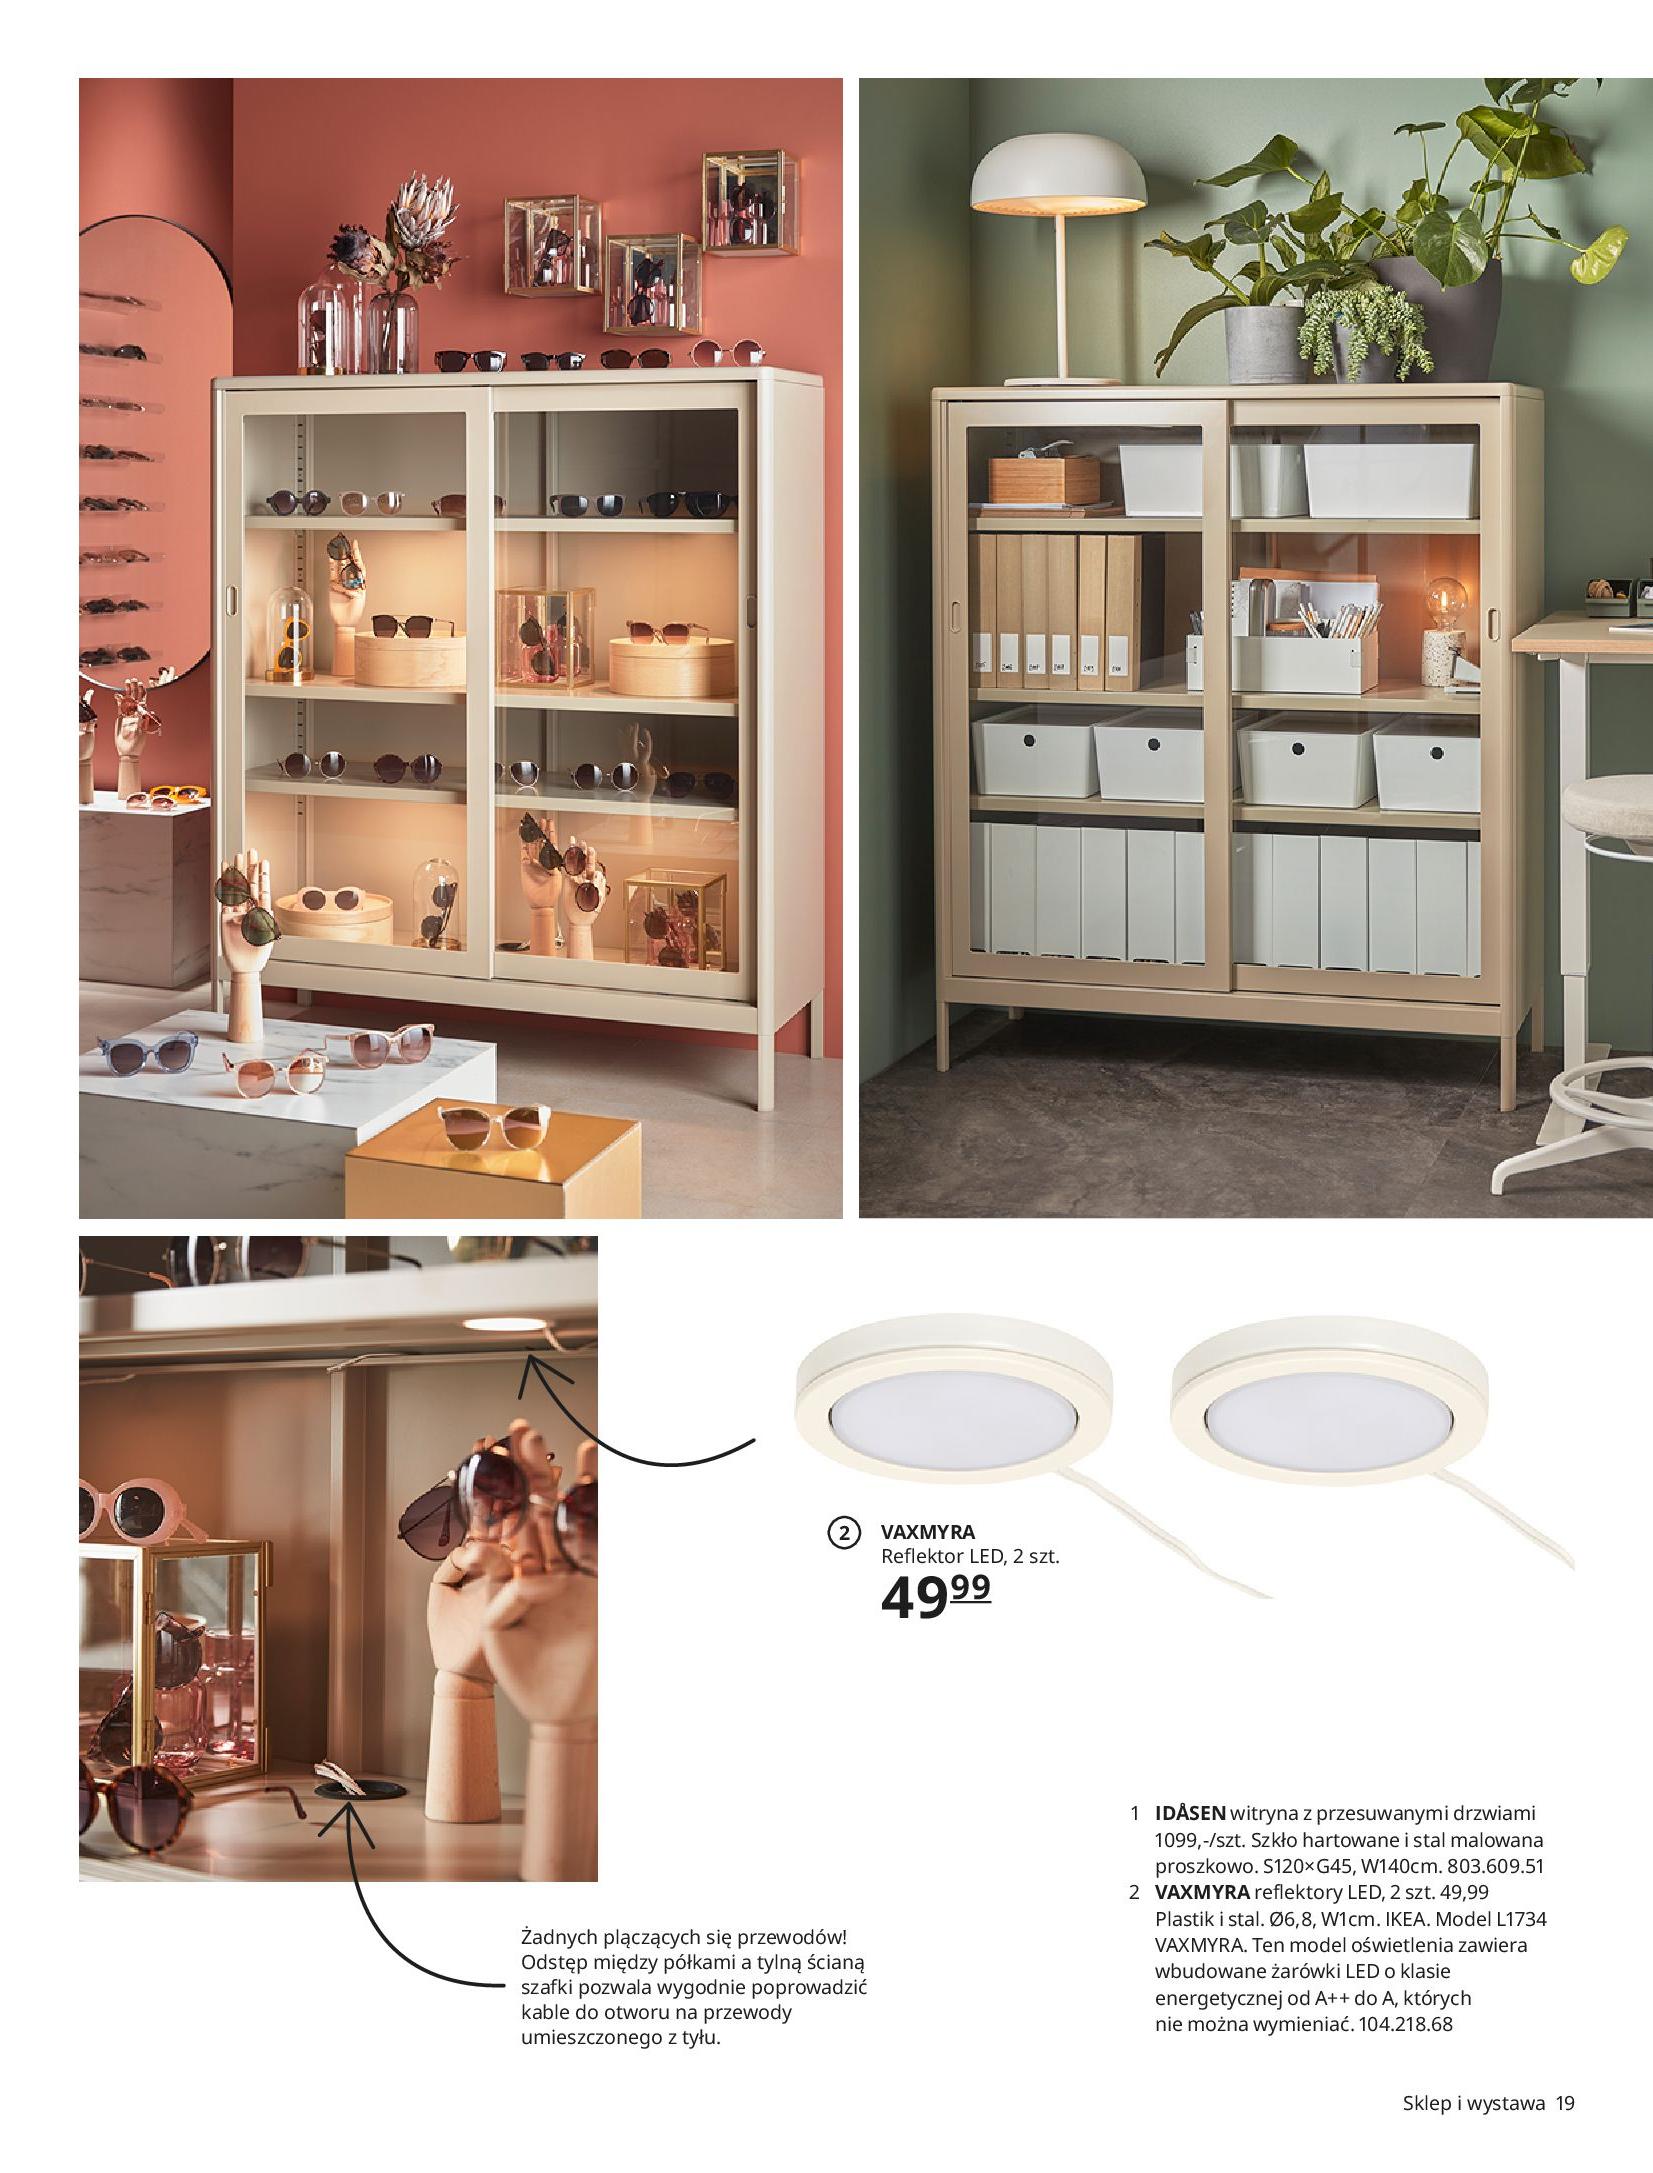 Gazetka IKEA: IKEA dla Firm 2021 2021-01-13 page-19